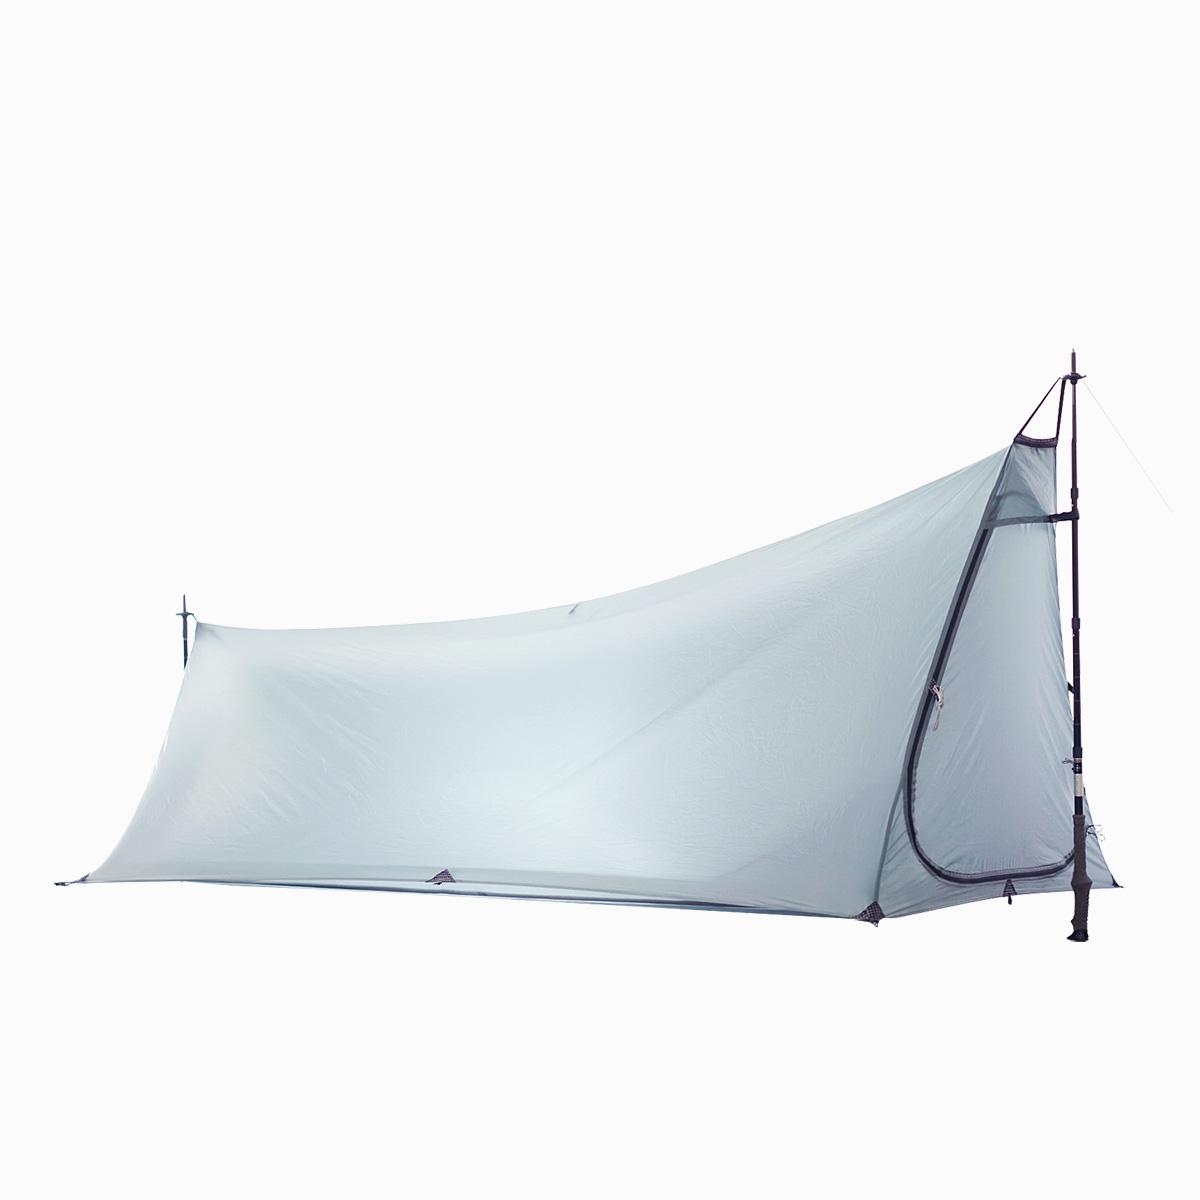 TFS WhiteLabel CoastLine-1P Tent